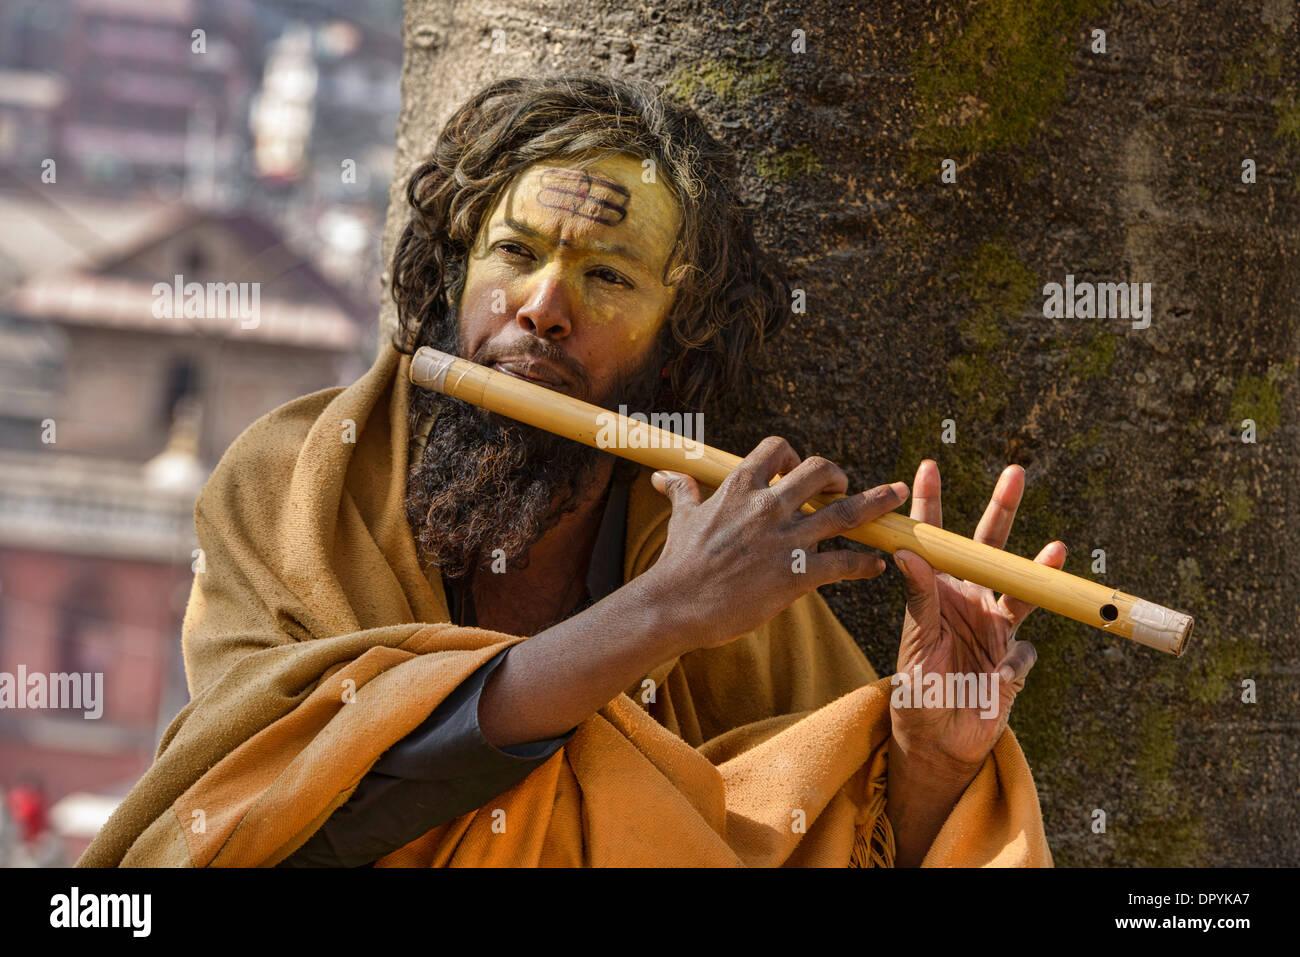 Sadhu playing a flute, Kathmandu, Nepal - Stock Image